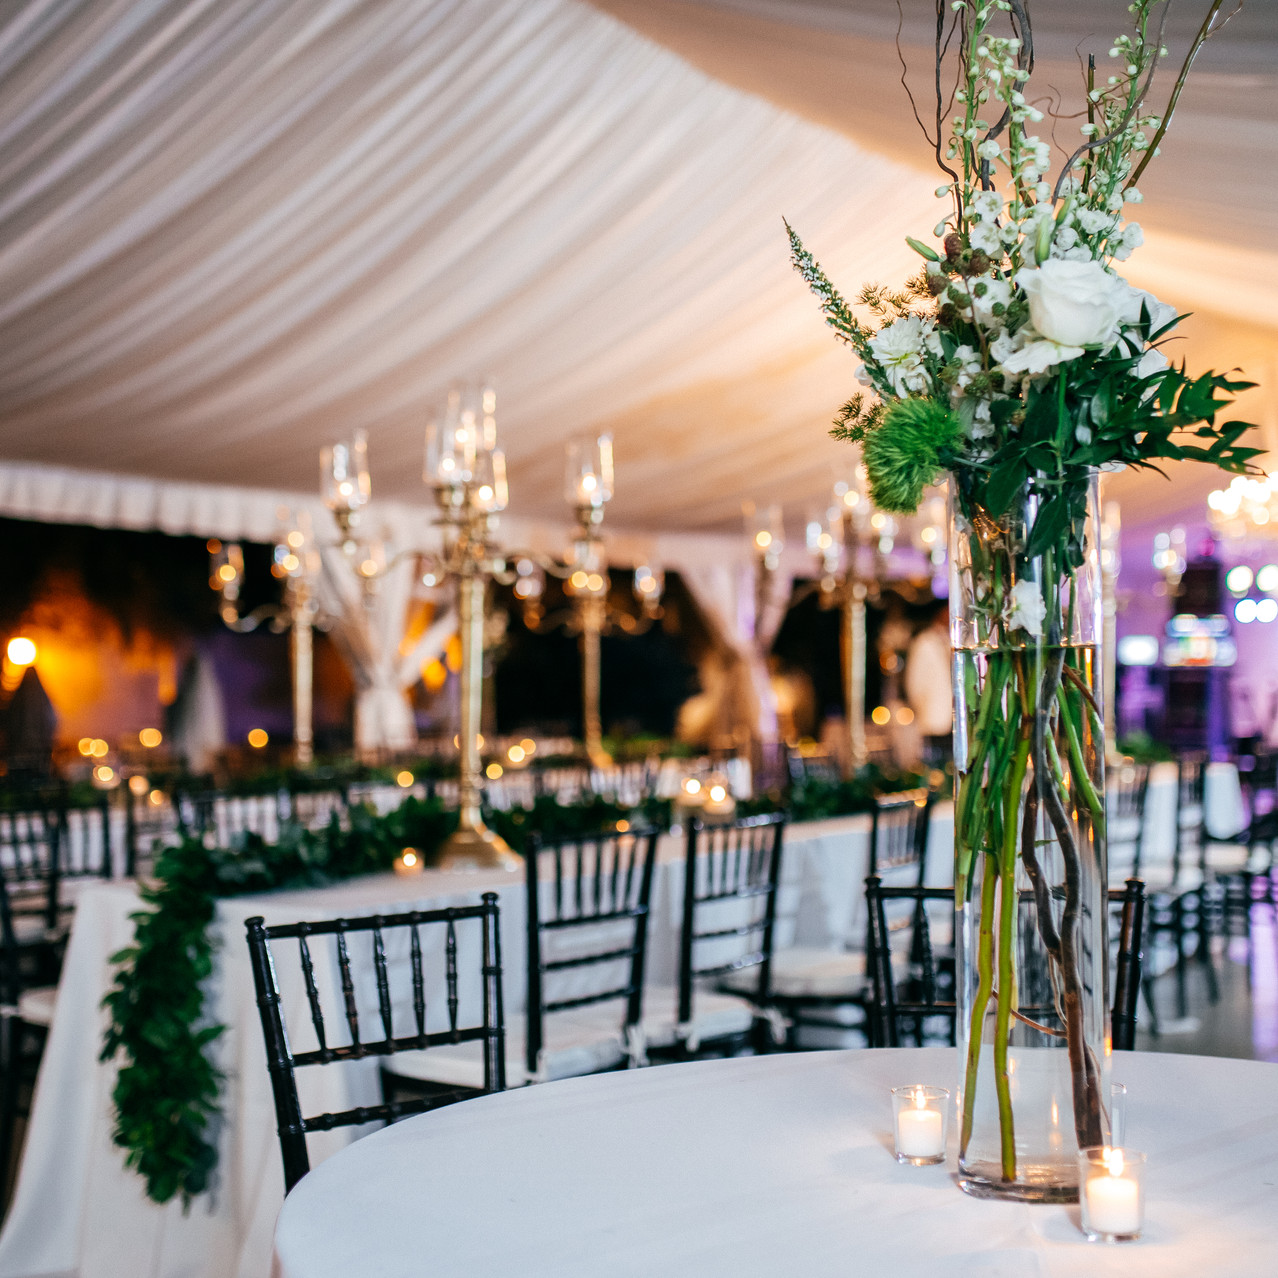 TaylorStewart-Wedding-Details-25